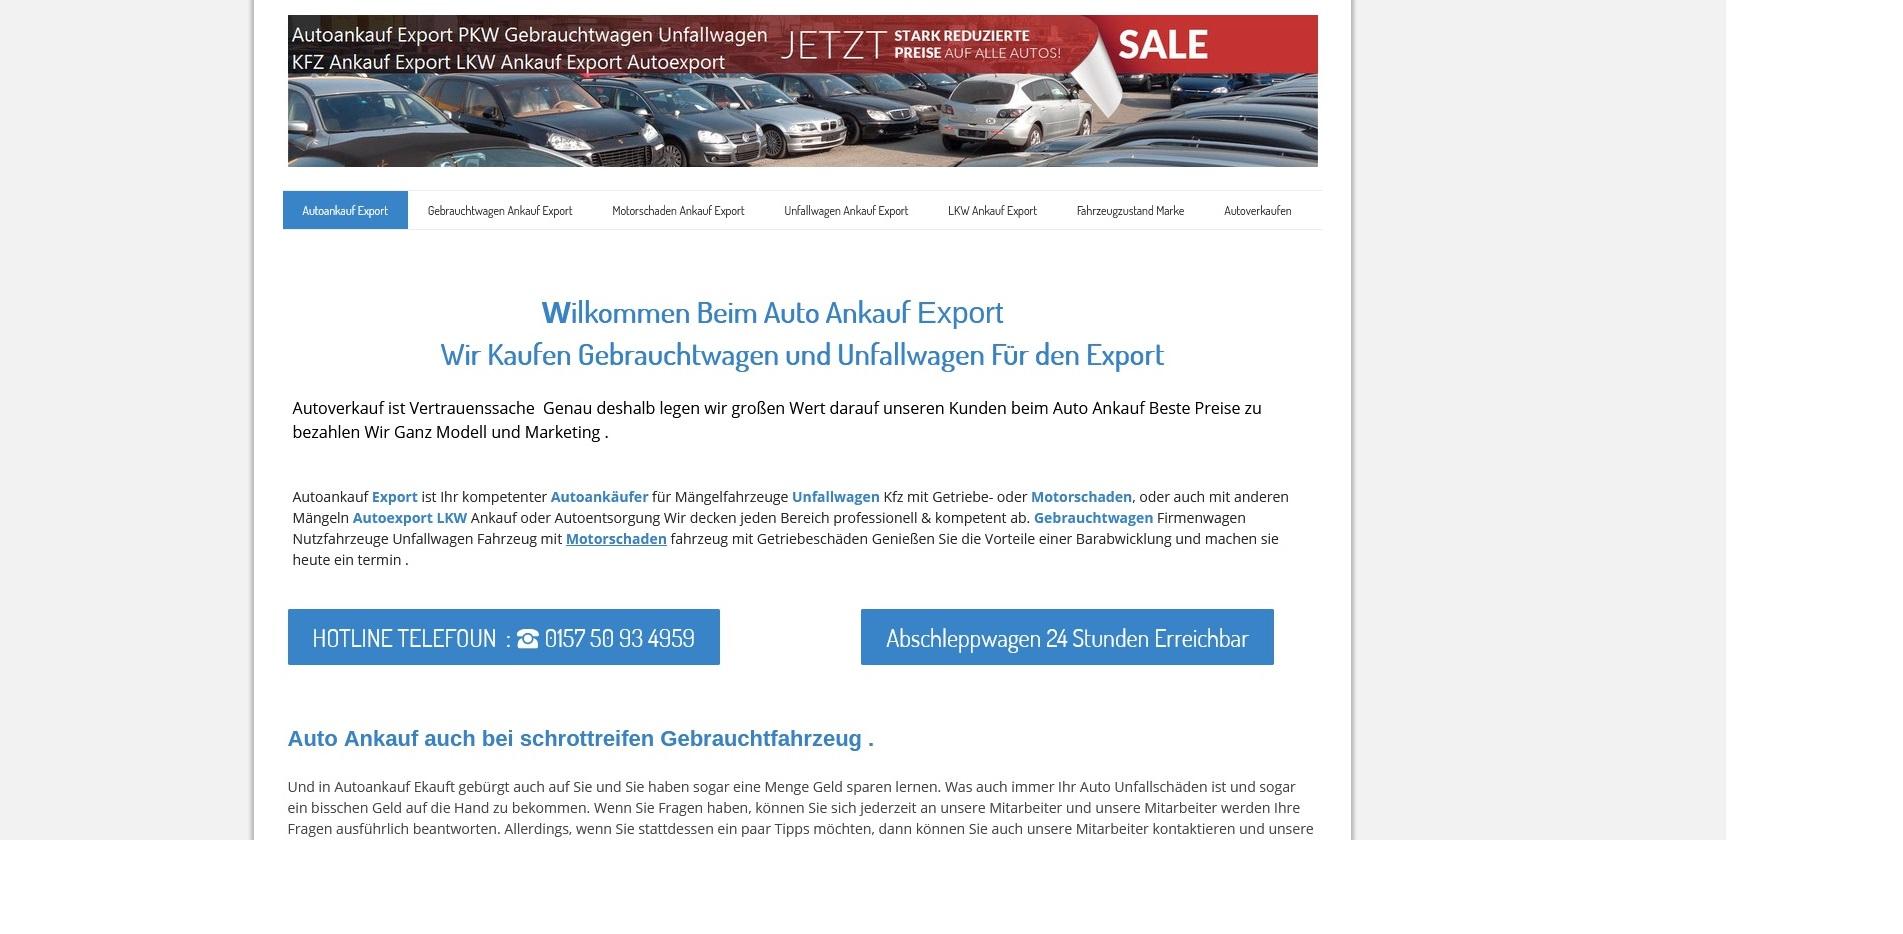 mit autoankauf hildesheim sparen sie sich die entsorungskostens fuer ihr fahrzeug - Mit Autoankauf Hildesheim sparen Sie sich die Entsorungskostens für Ihr Fahrzeug